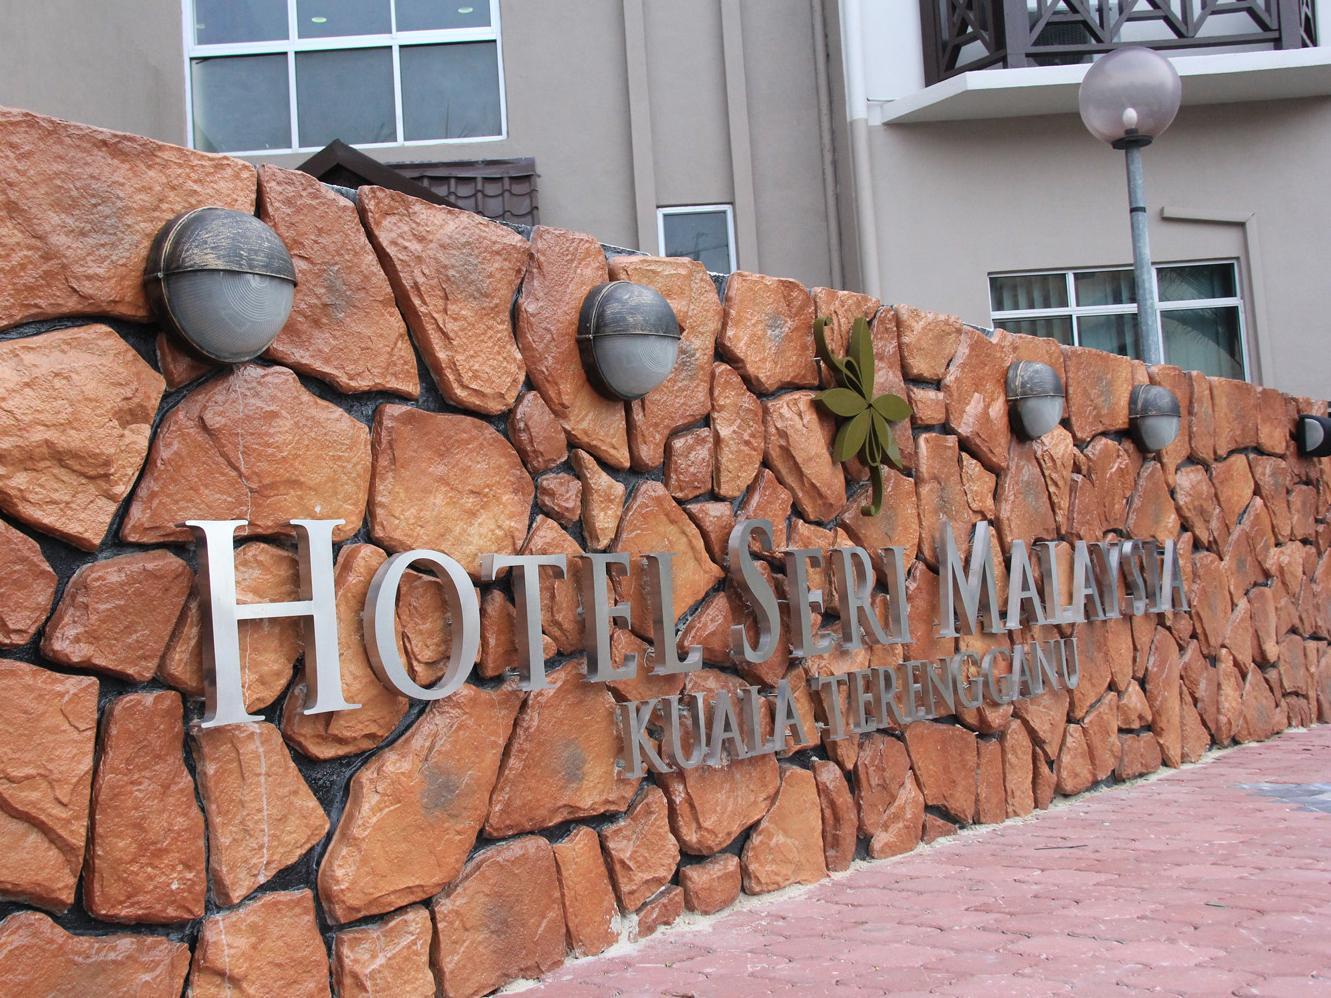 Hotel Seri Malaysia Kuala Terengganu